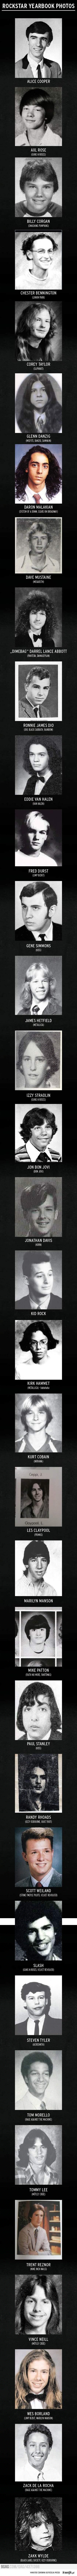 Gwiazdy rock'a